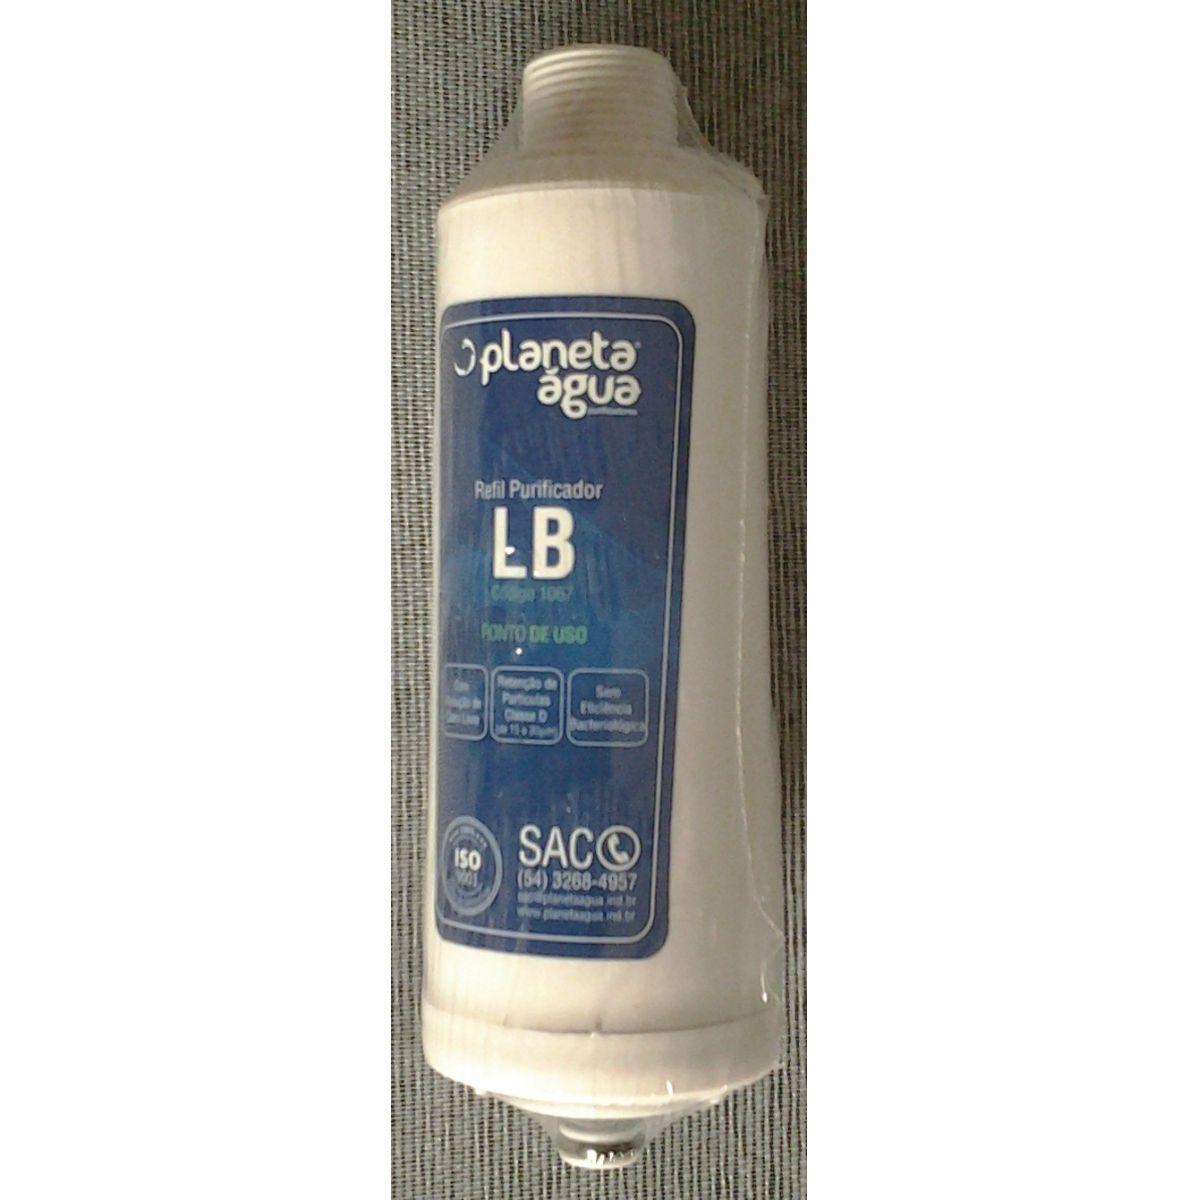 Refil para purificador similar LB Libell